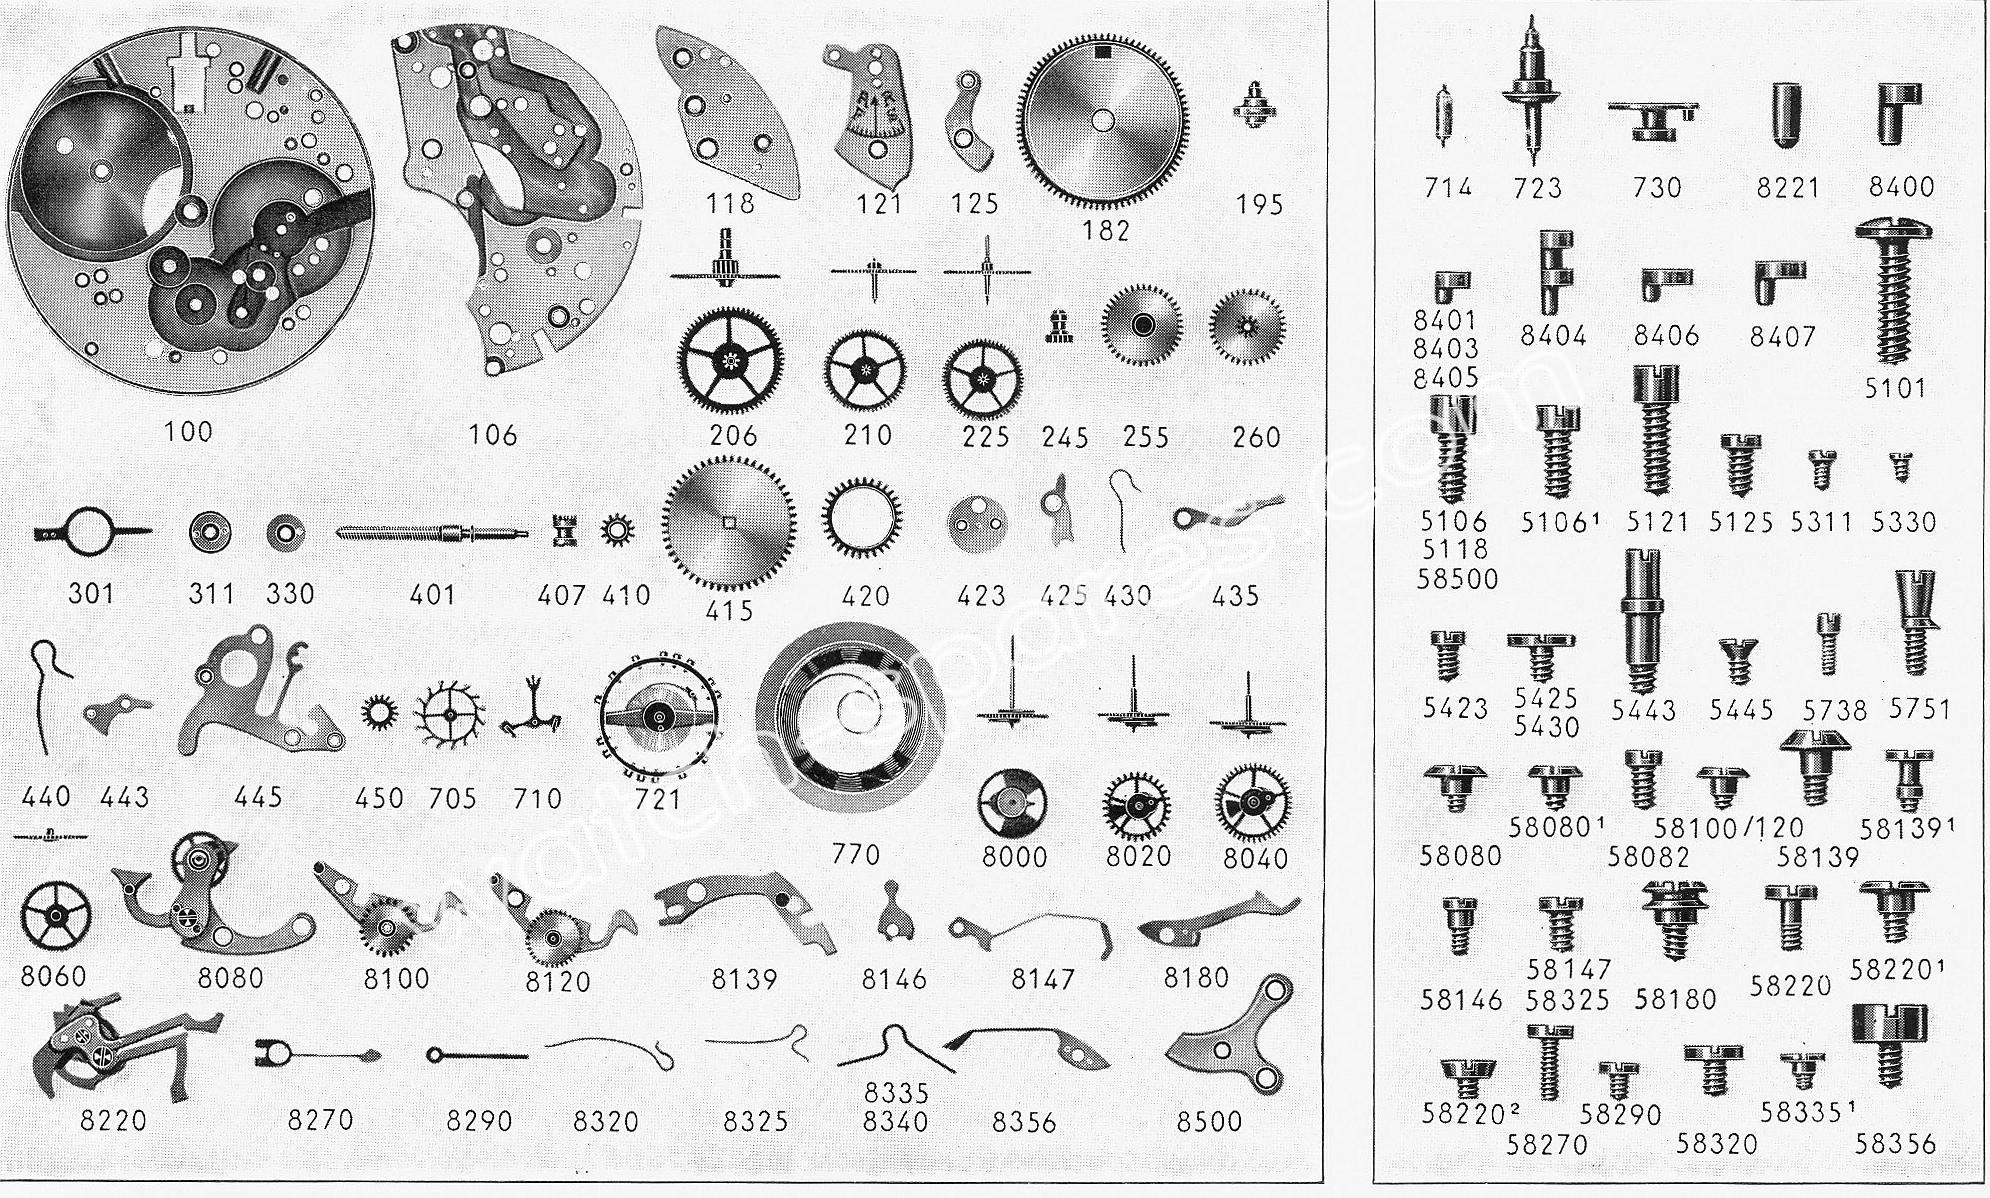 Landeron 185 watch chronograph spare parts